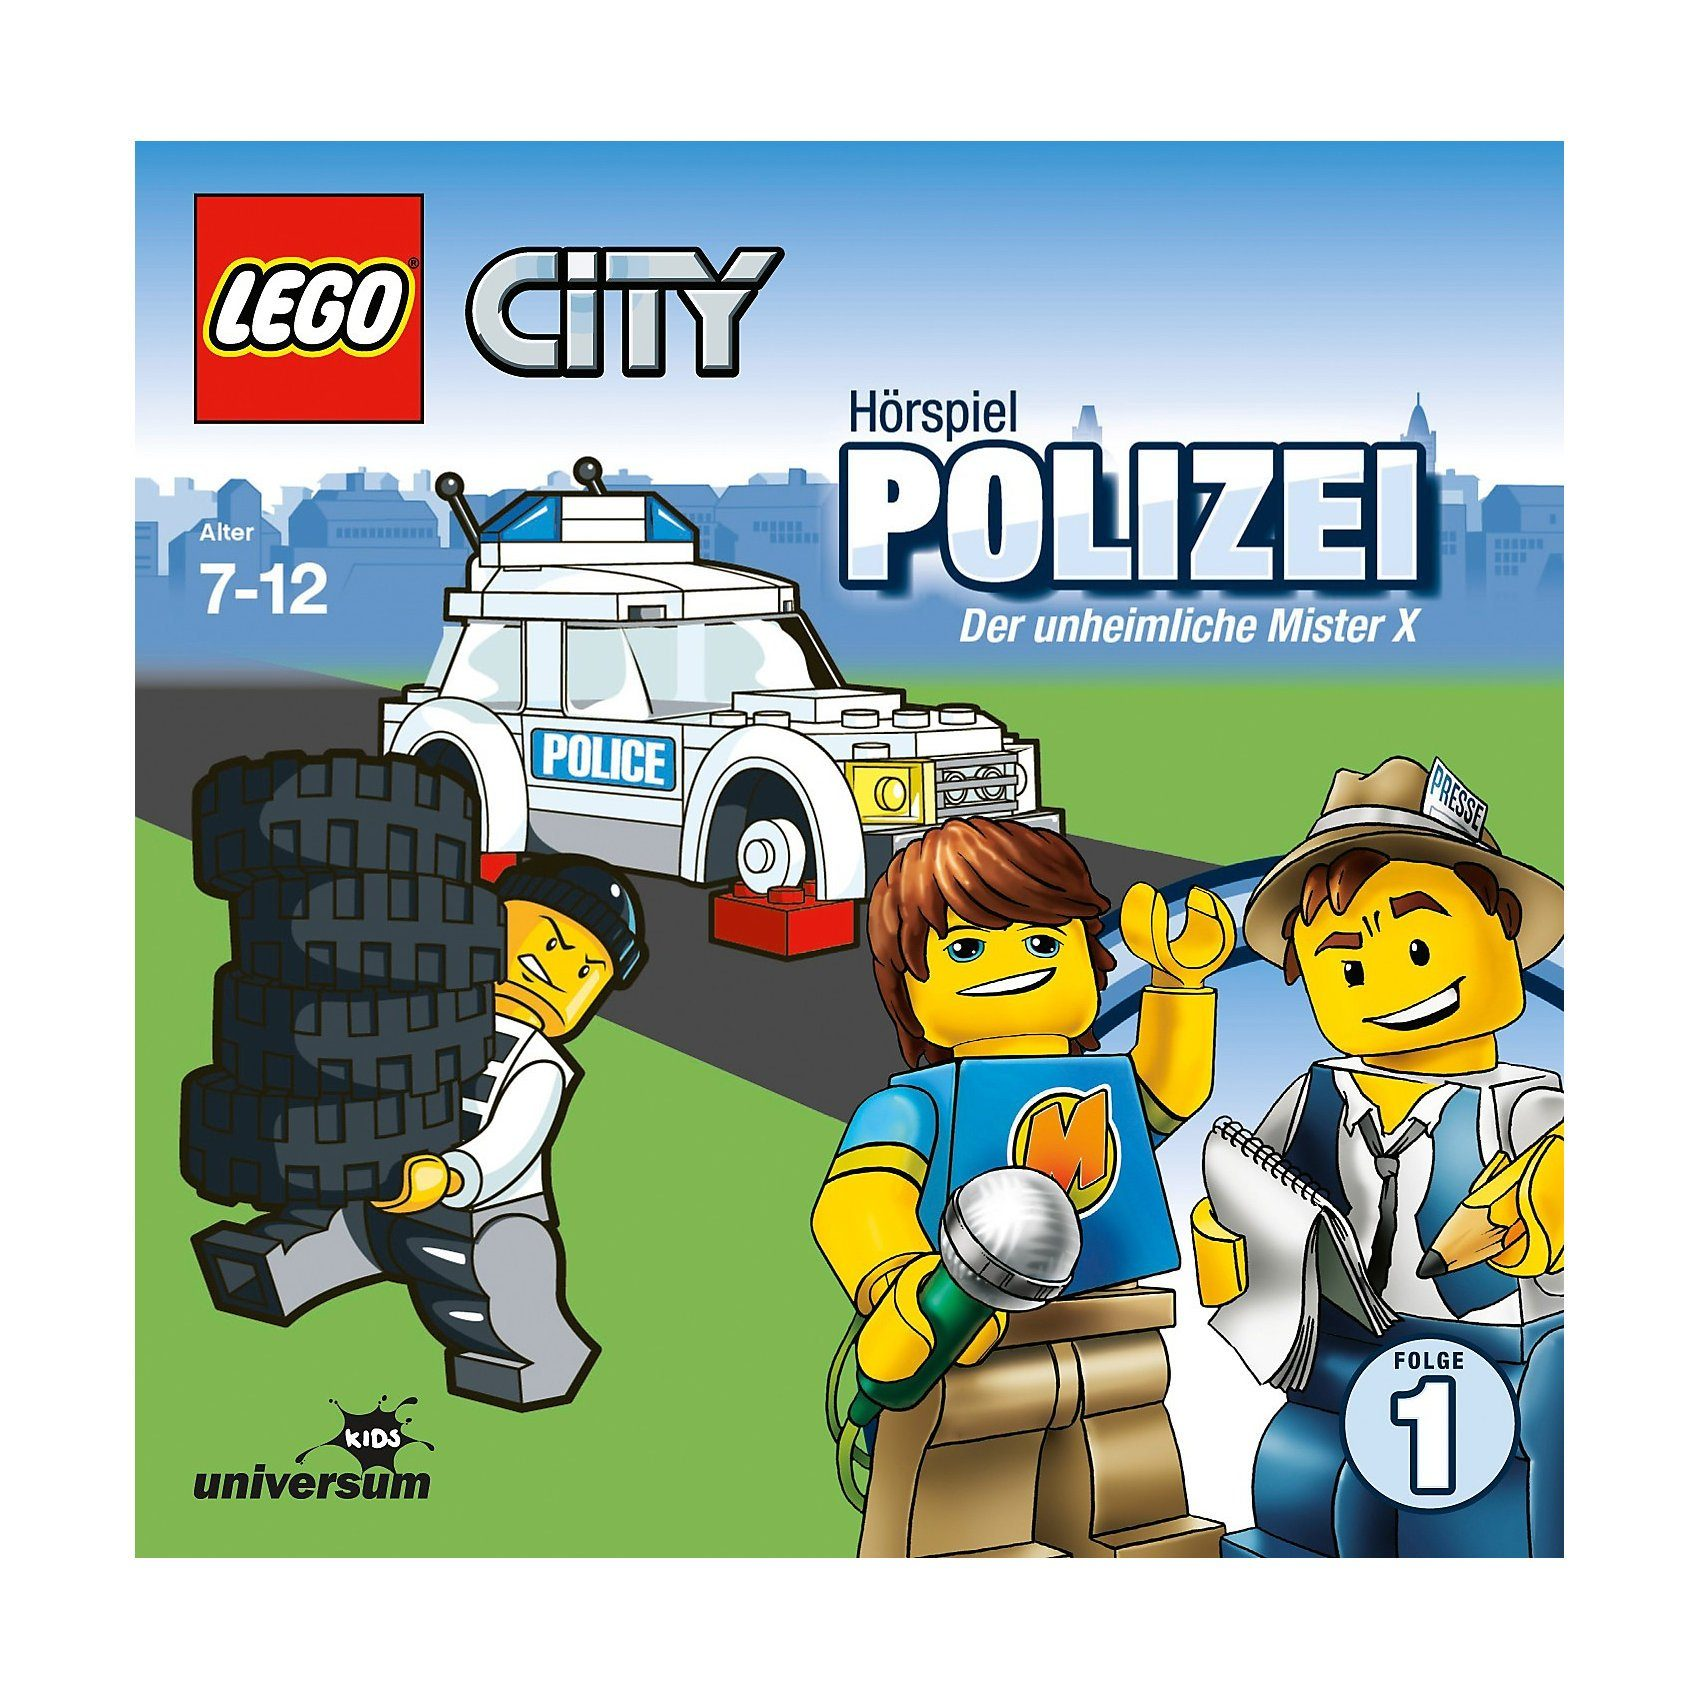 LEGO CD City 01 - Polizei: Der unheimliche Mister X